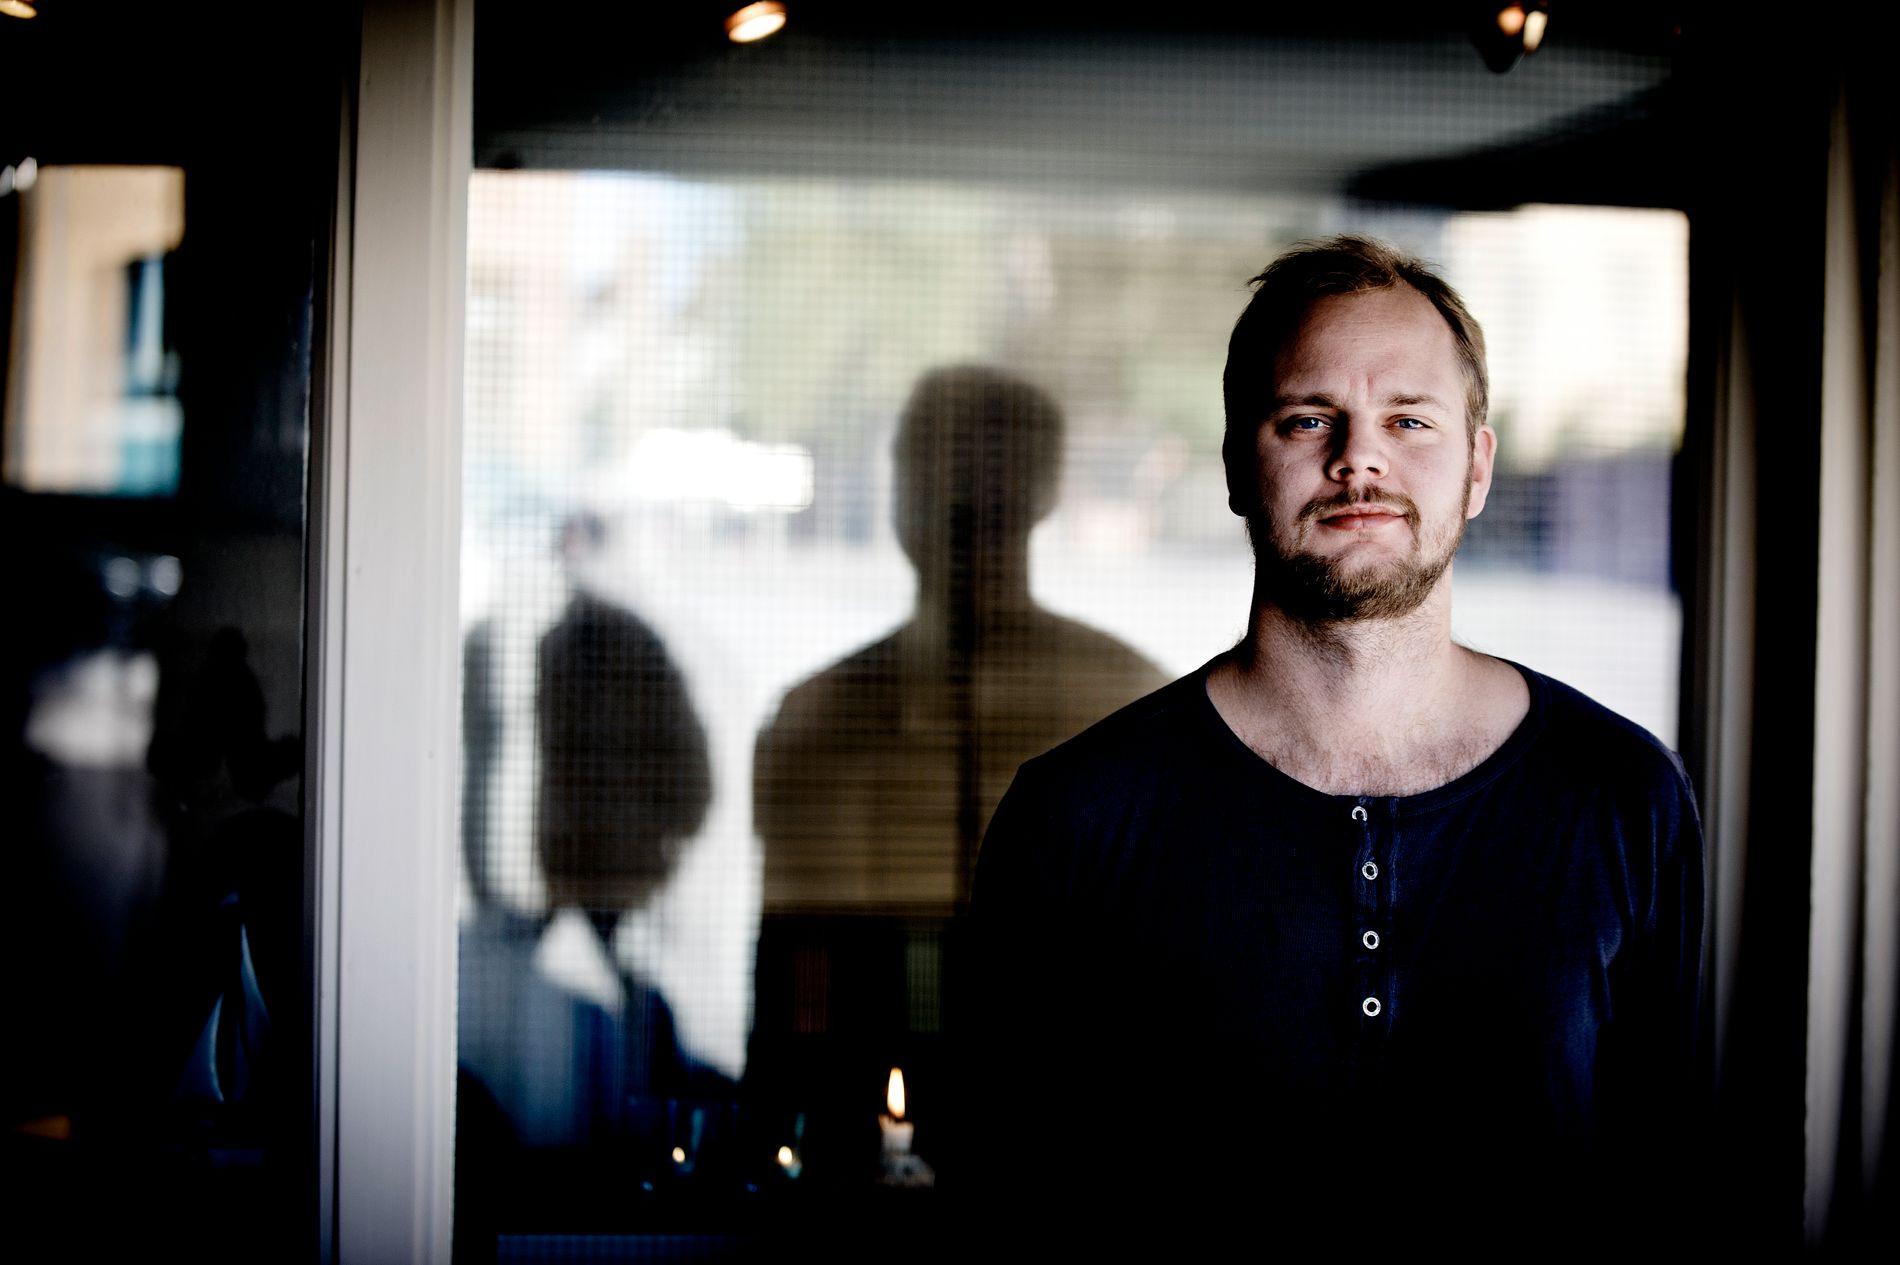 ØKONOMISK BEHOV: Det er ikke helt likegyldig hva slags næringer vi har i Norge. For det første trenger vi noe vi kan selge til utlandet, skriver Mímir Kristjánsson.